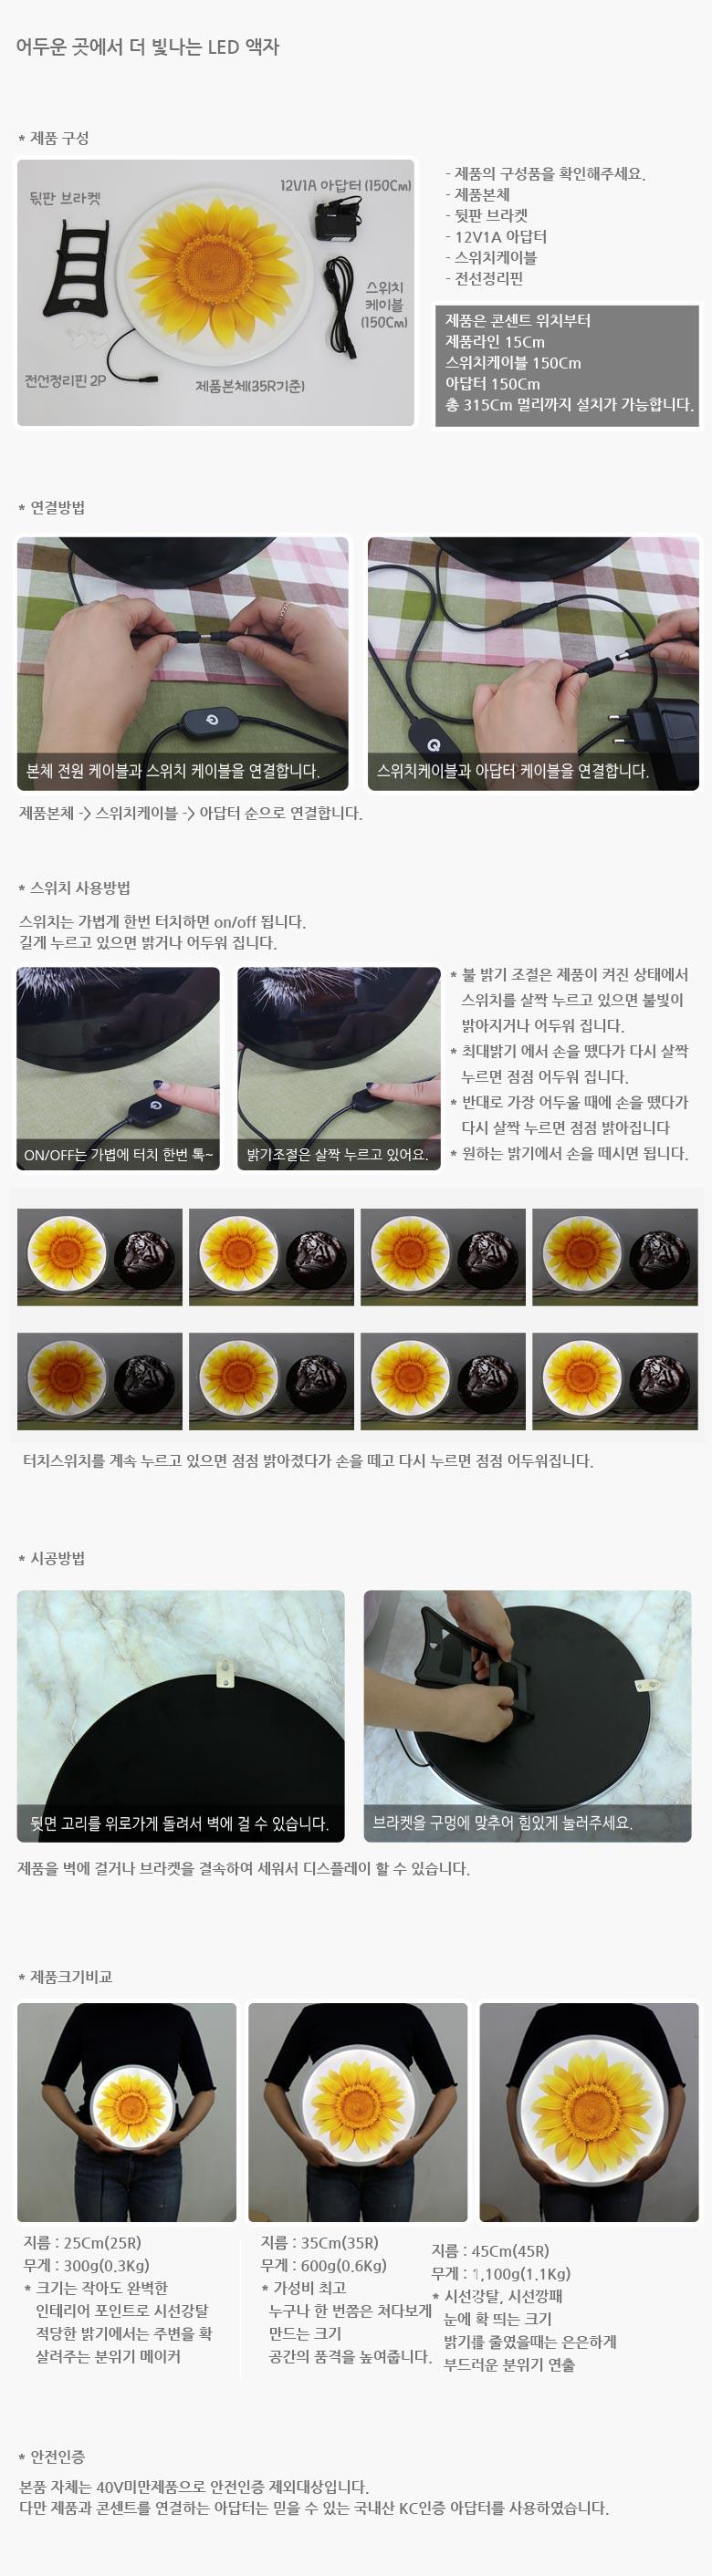 LED액자35R_태양을바라보는해바라기 - 꾸밈, 59,000원, 포인트조명, 터치조명